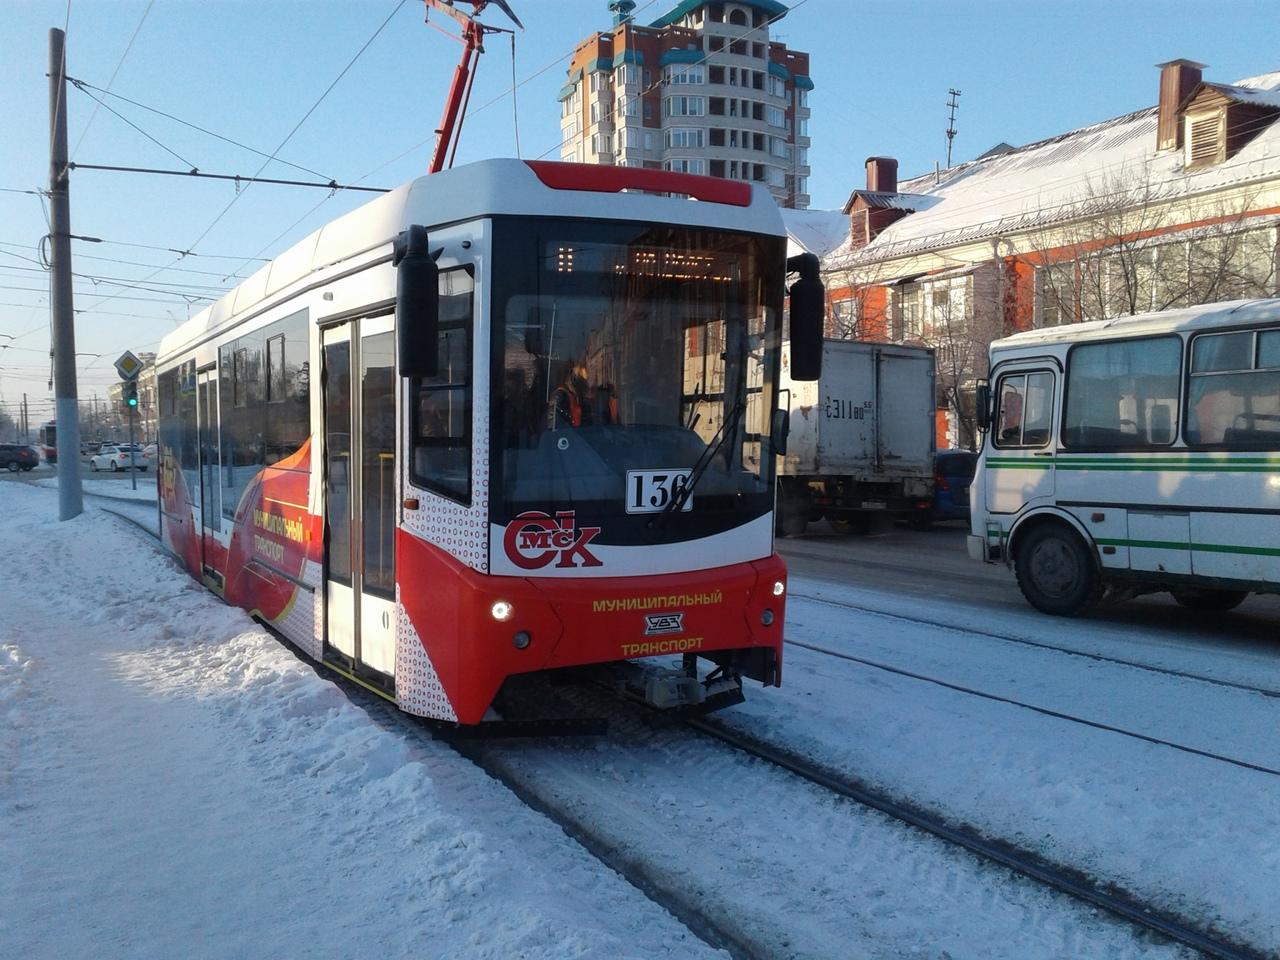 В Омске водителю нового трамвая «Спектр» предлагают зарплату 40 тысяч #Омск #Общество #Сегодня